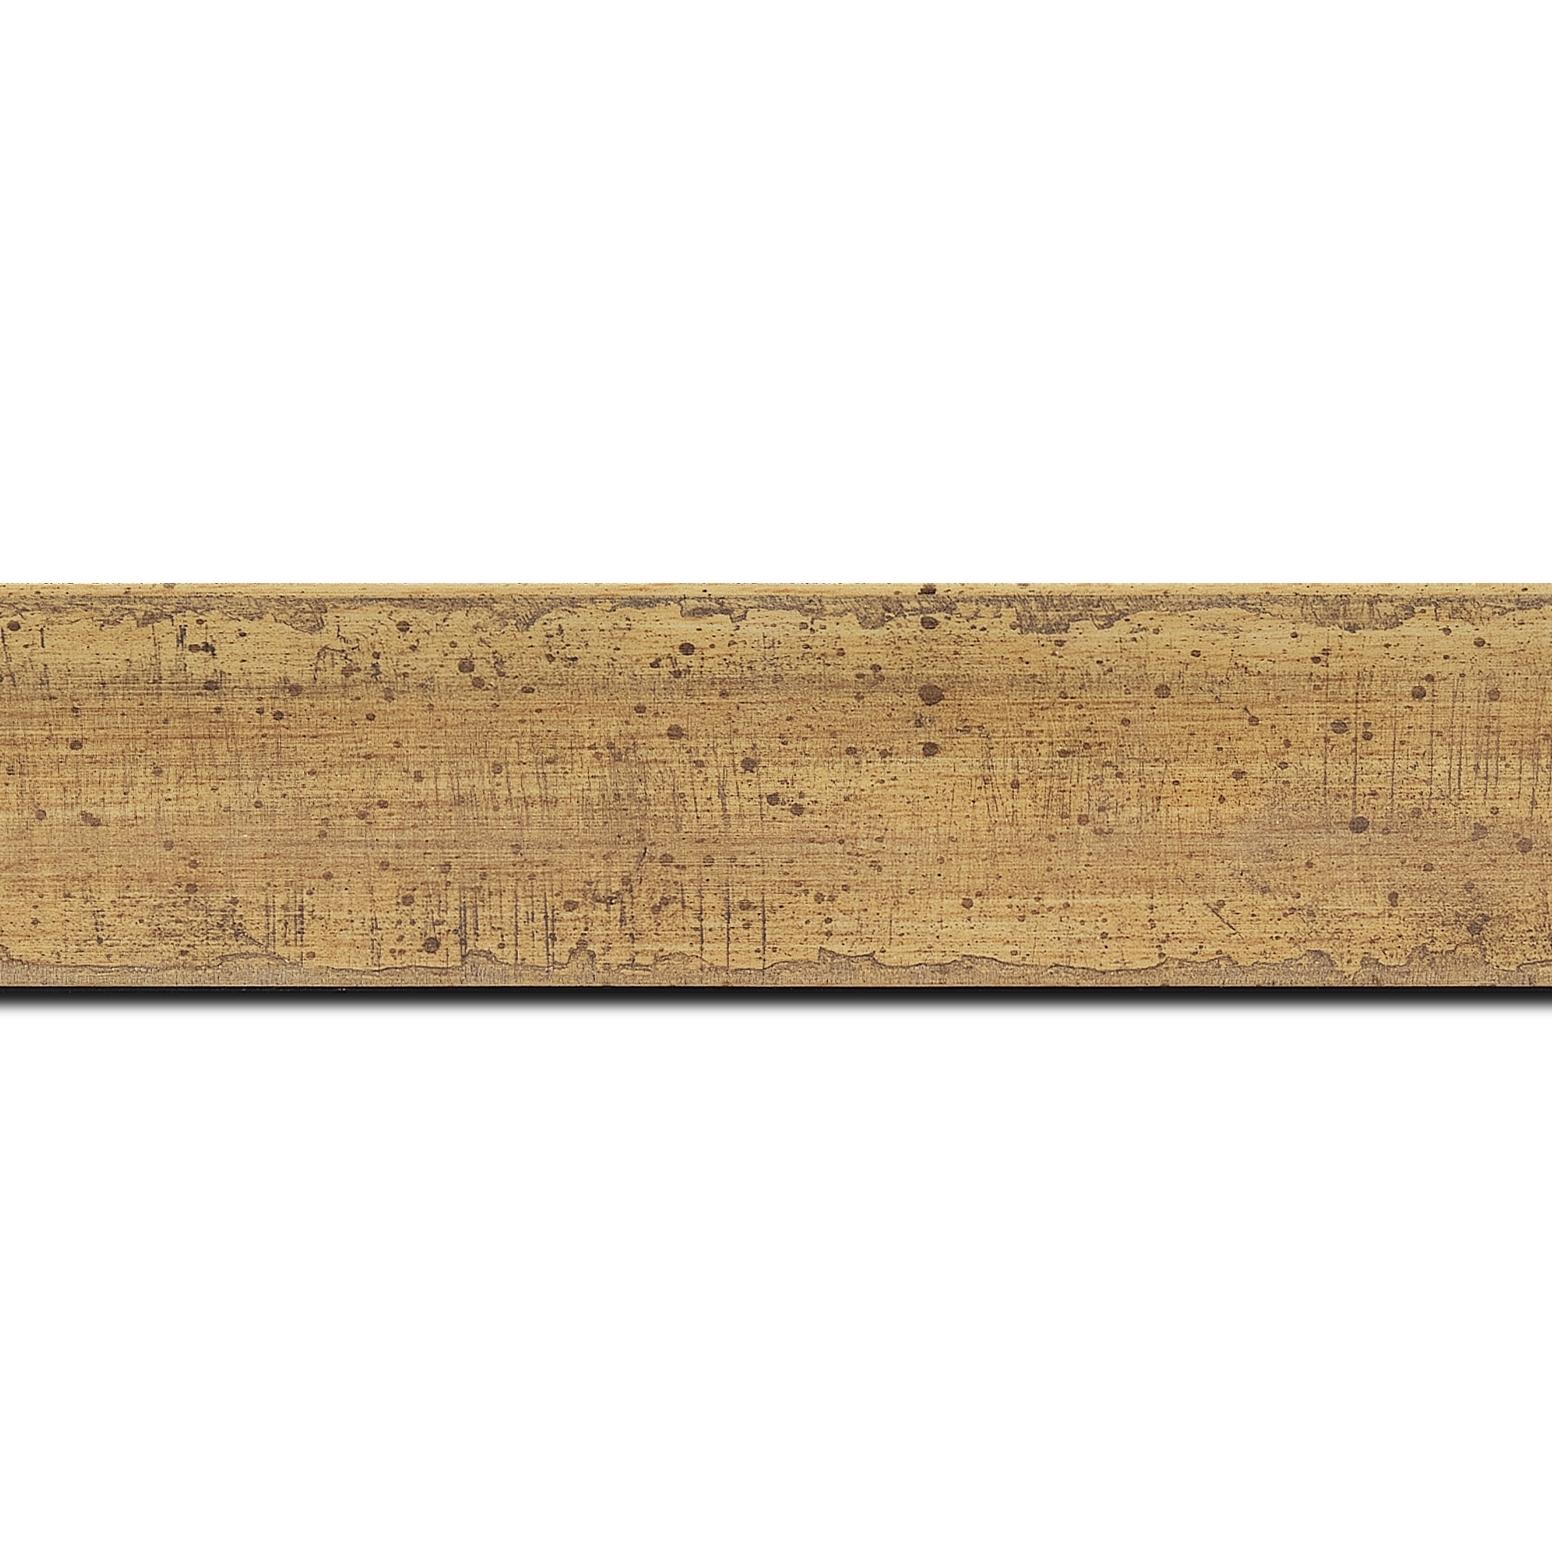 Pack par 12m, bois profil incurvé largeur 4.1cm couleur marron tres clair effet plaquage (longueur baguette pouvant varier entre 2.40m et 3m selon arrivage des bois)